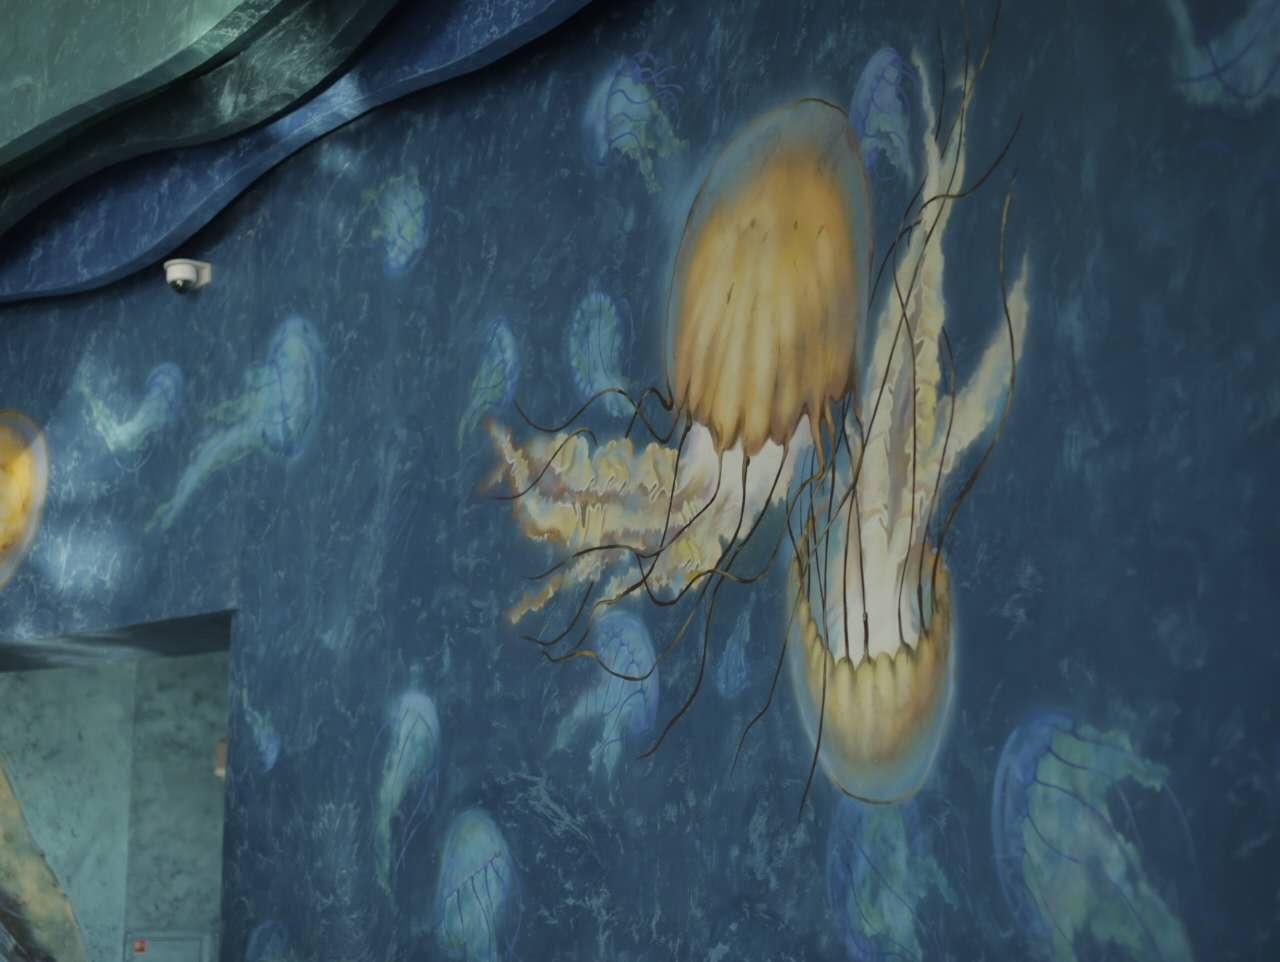 海底世界墙体彩绘|其他|墙绘/立体画|广州3d立体画